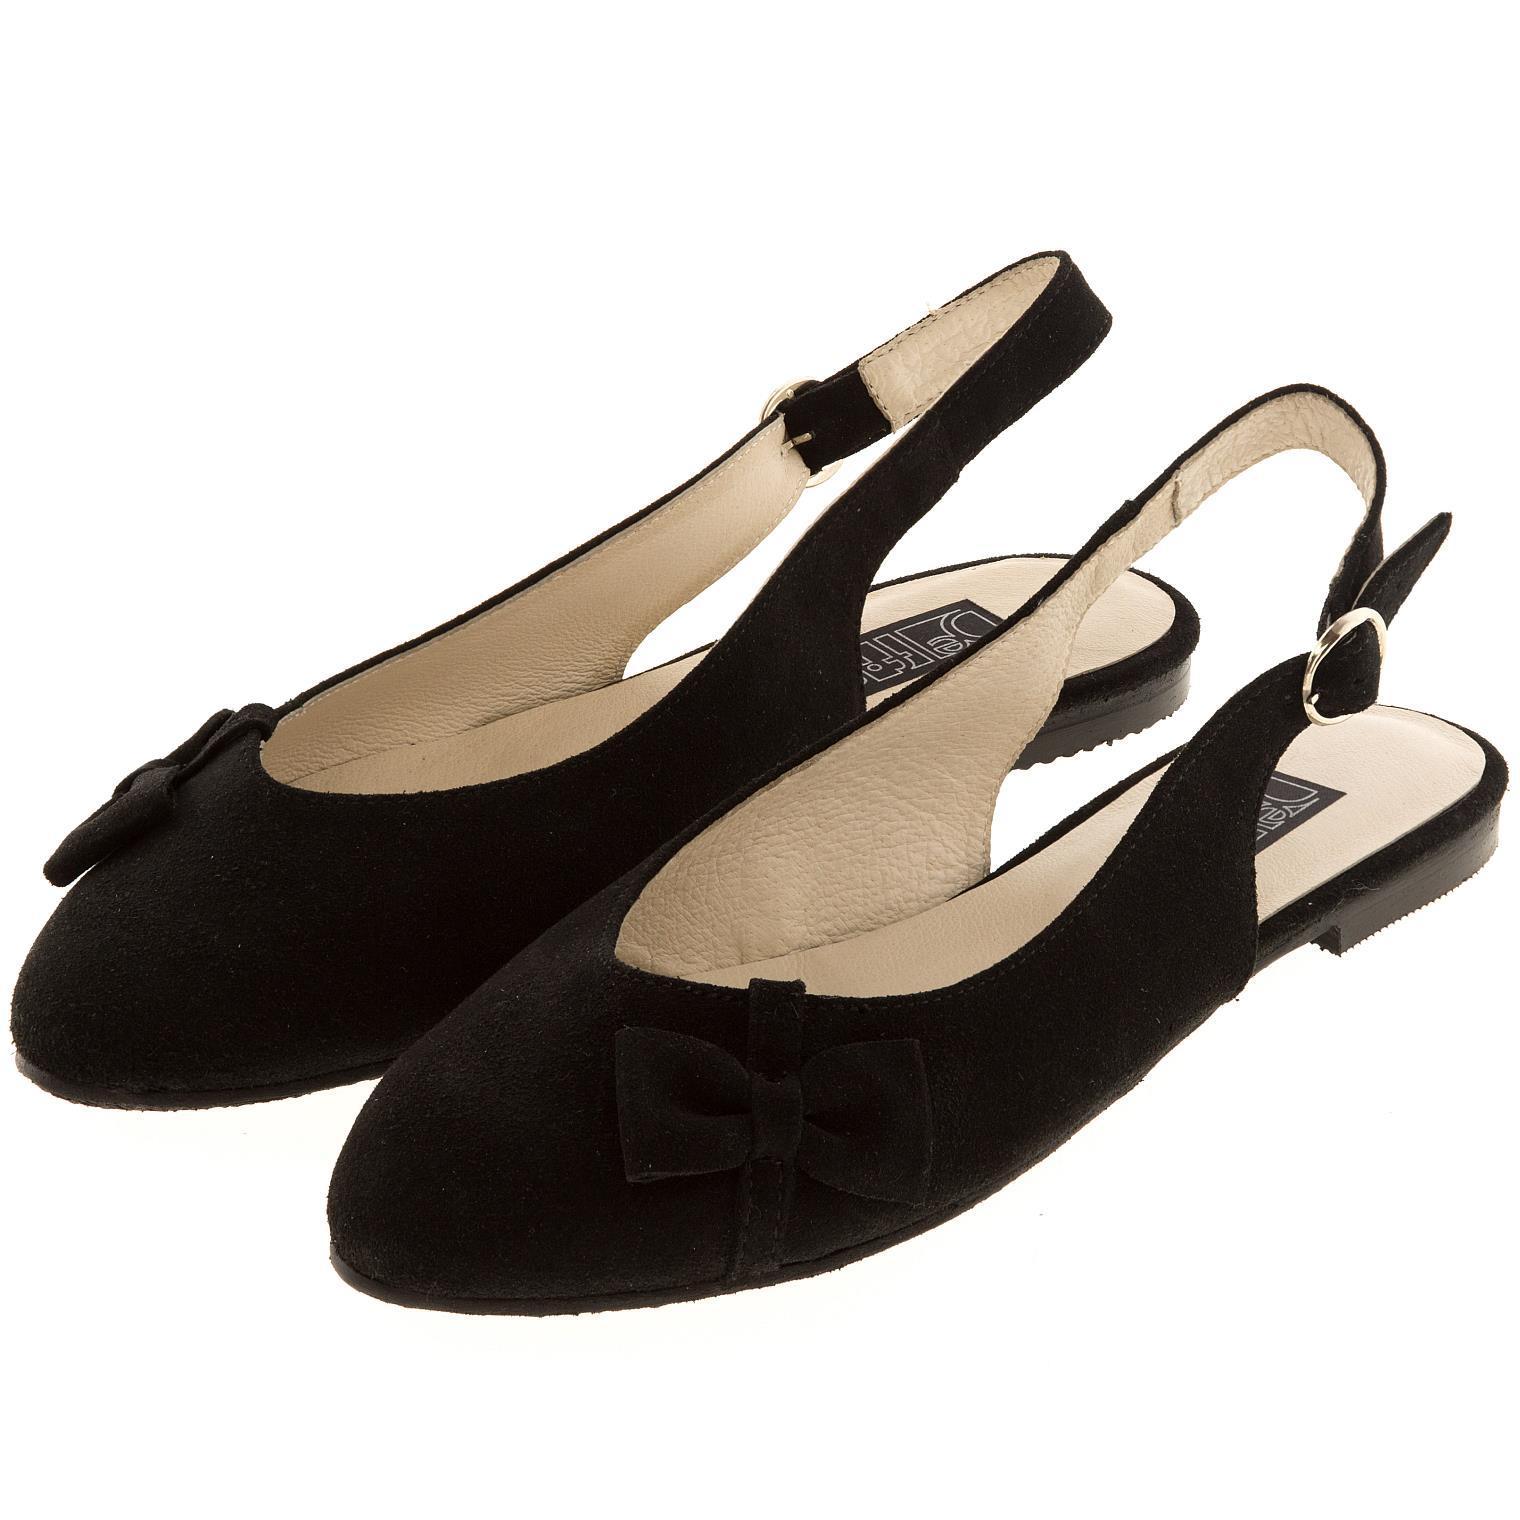 570199 Туфли летние женские черные замша больших размеров марки Делфино